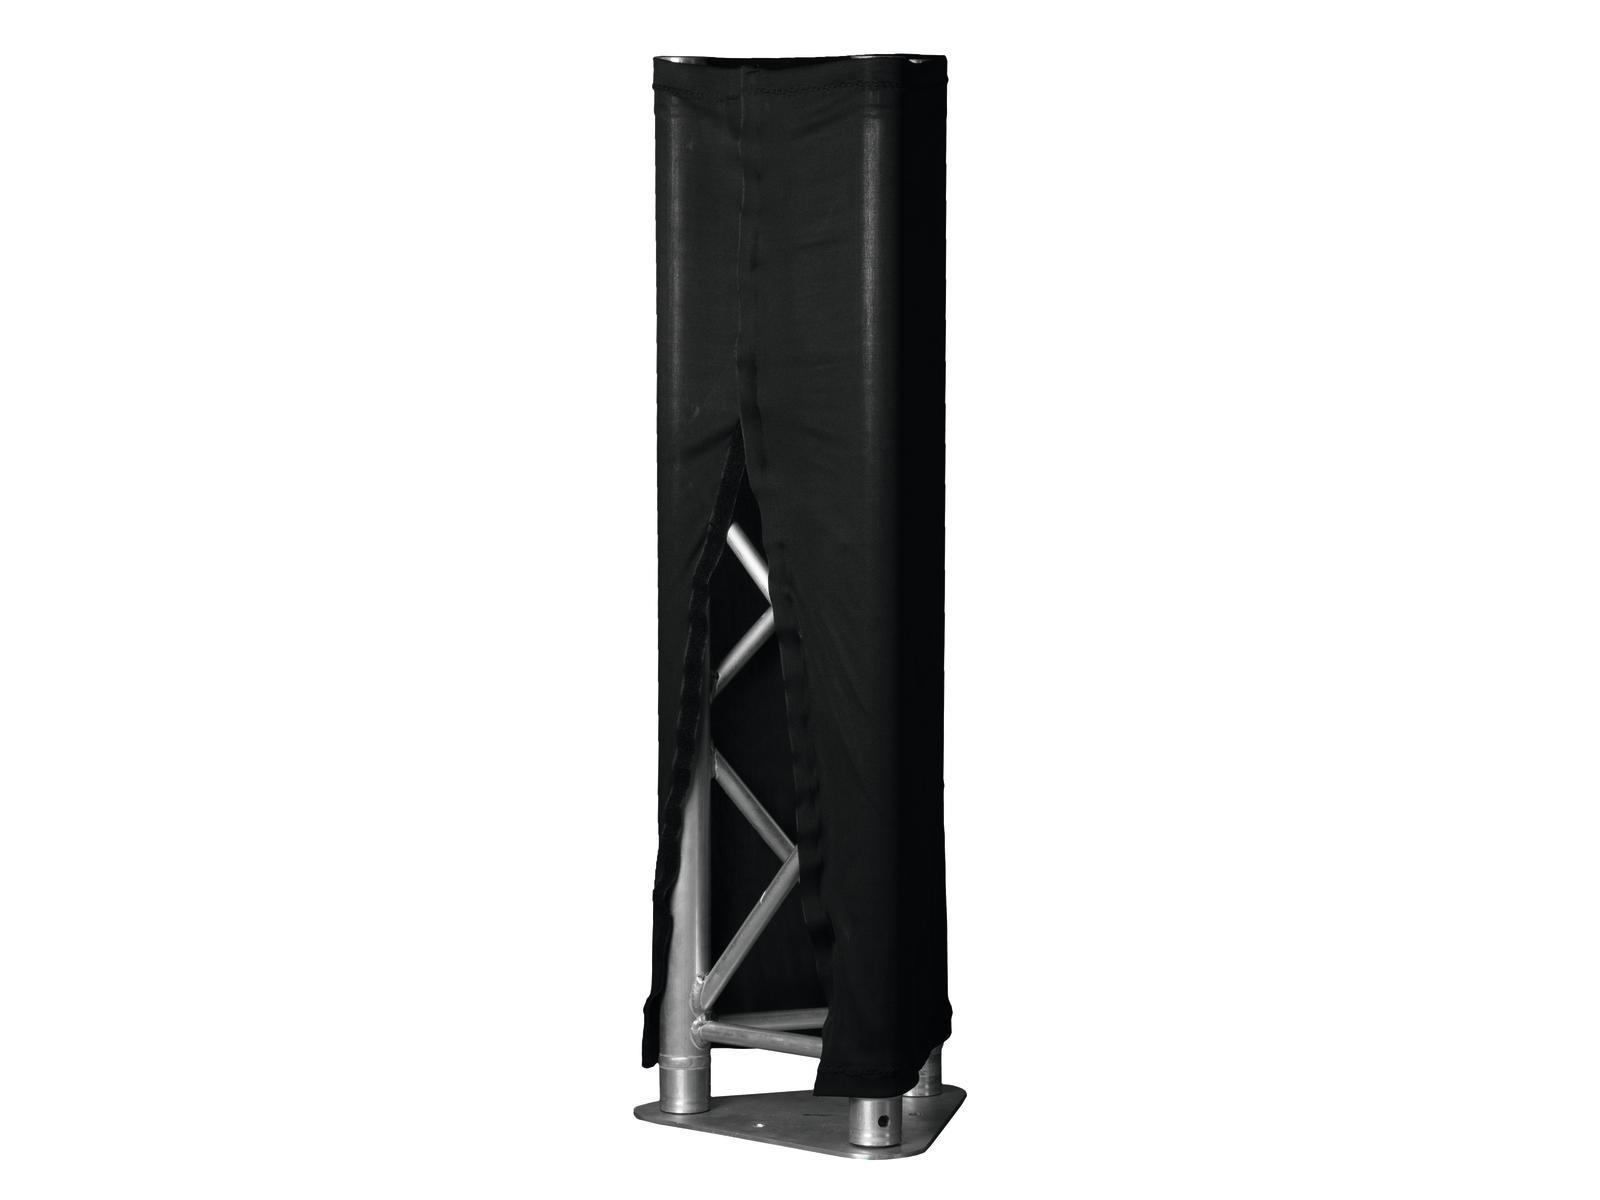 ESPANDERE XPTC15KVS Capriata di copertura di 150 cm, nero